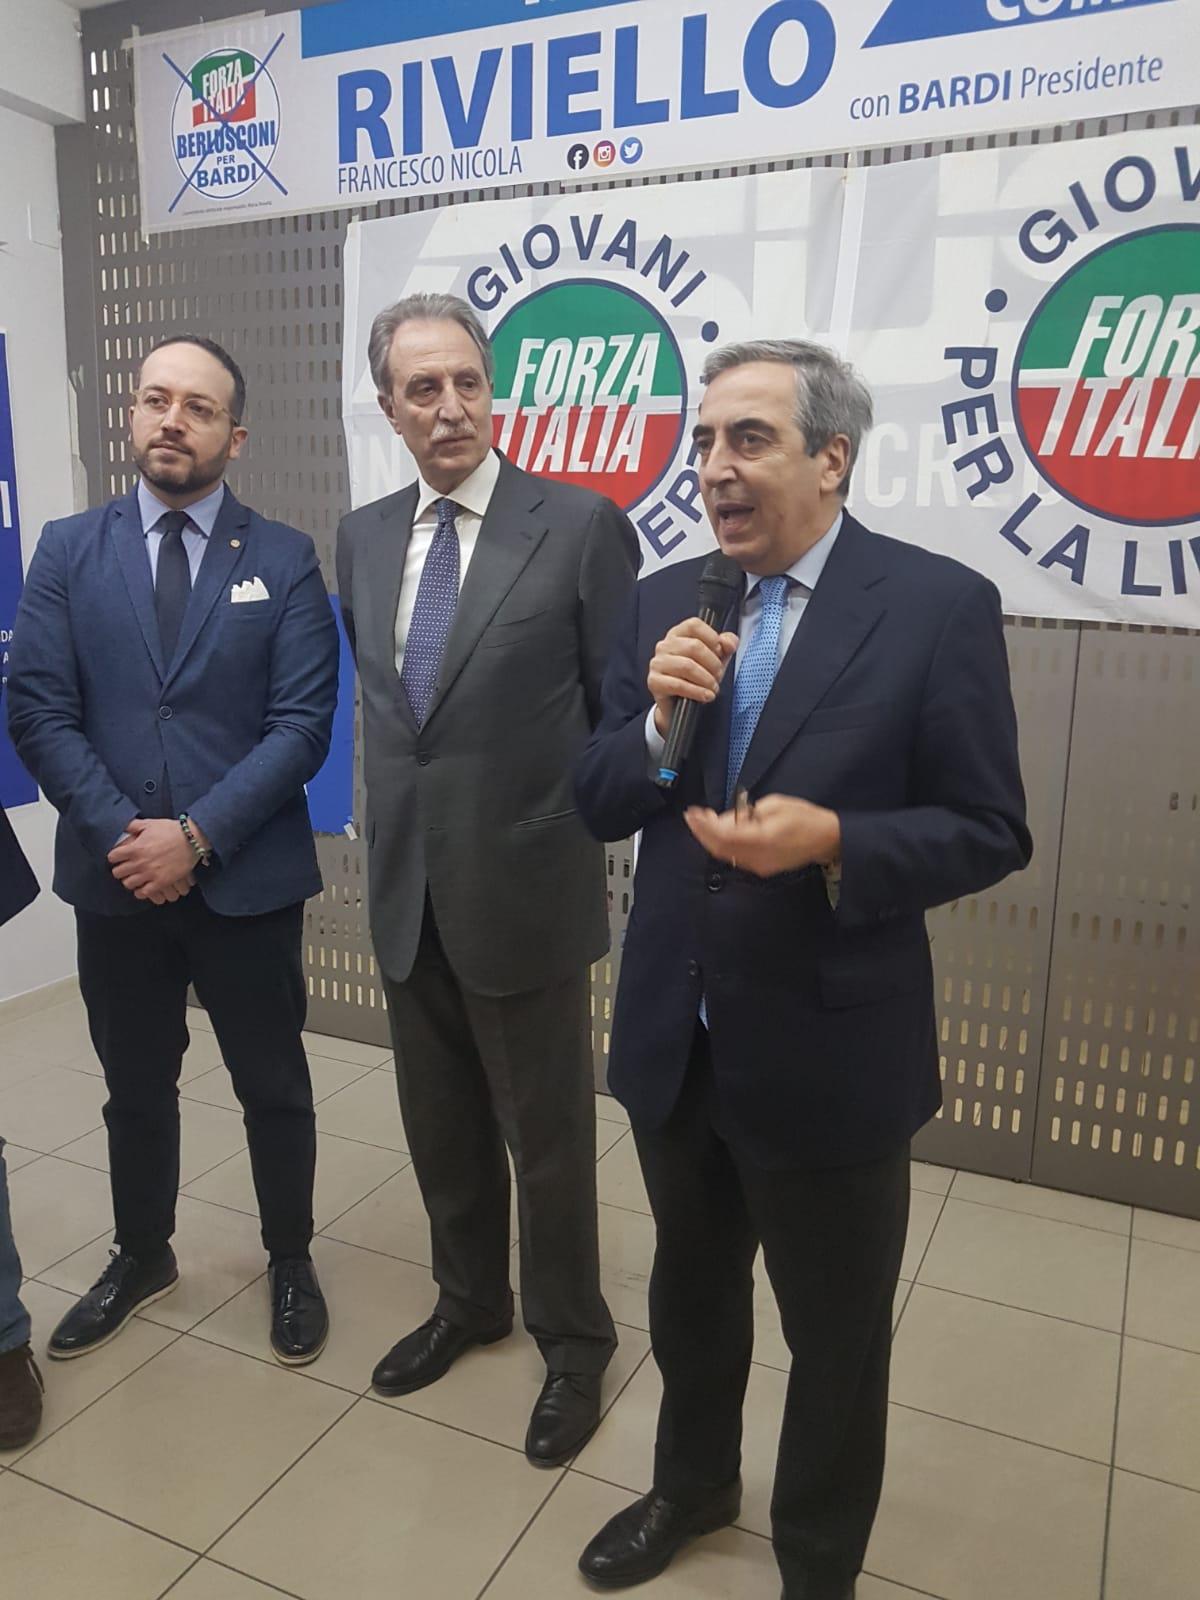 7 marzo Gasparri, Bardi, Riviello